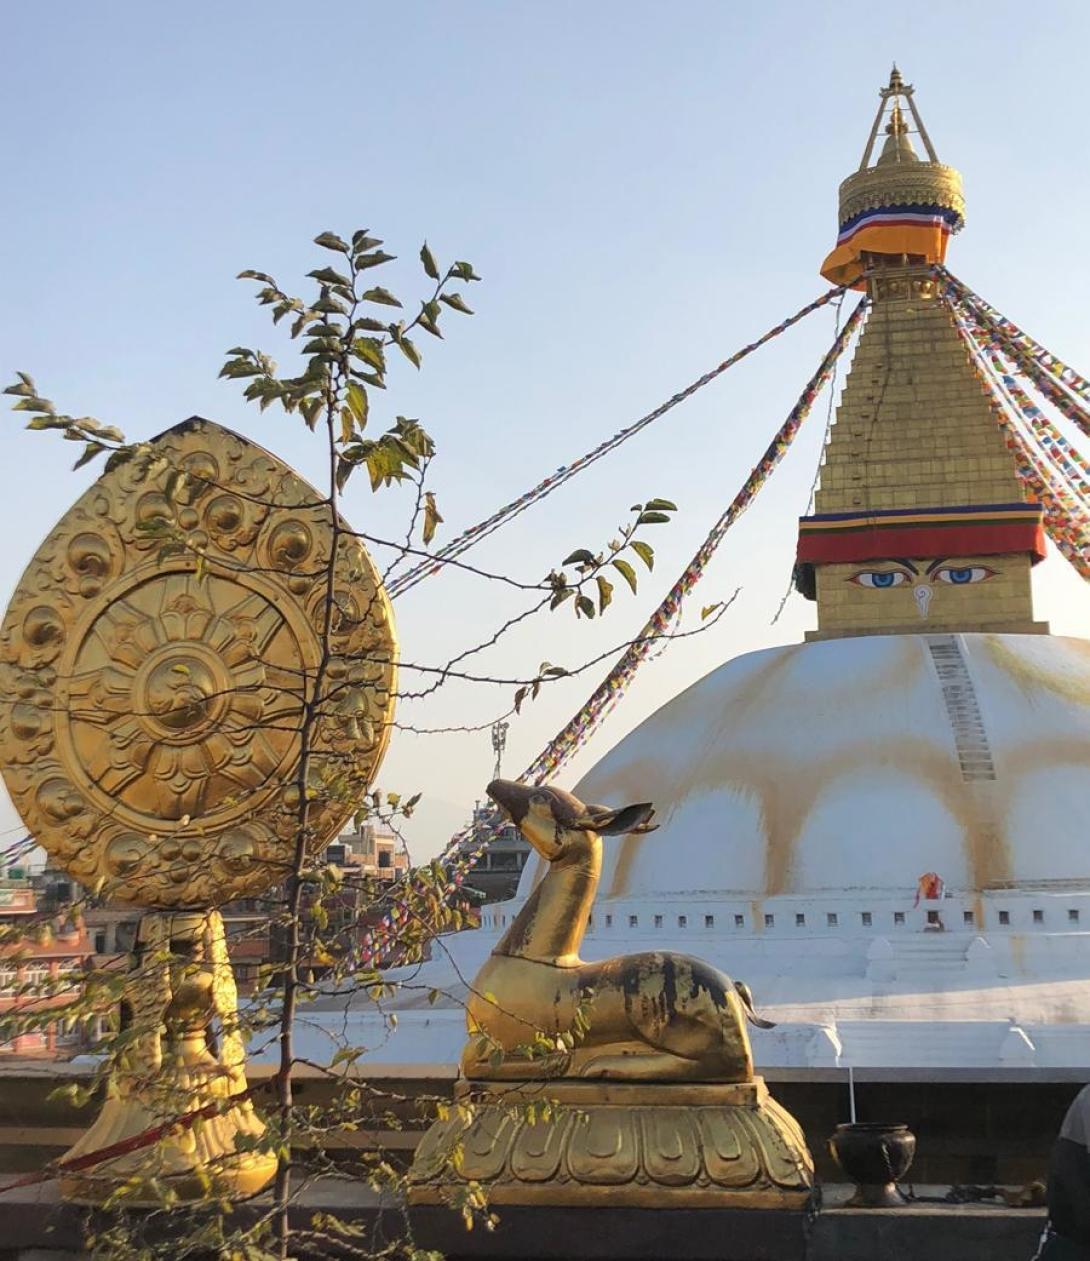 Beth S in Nepal